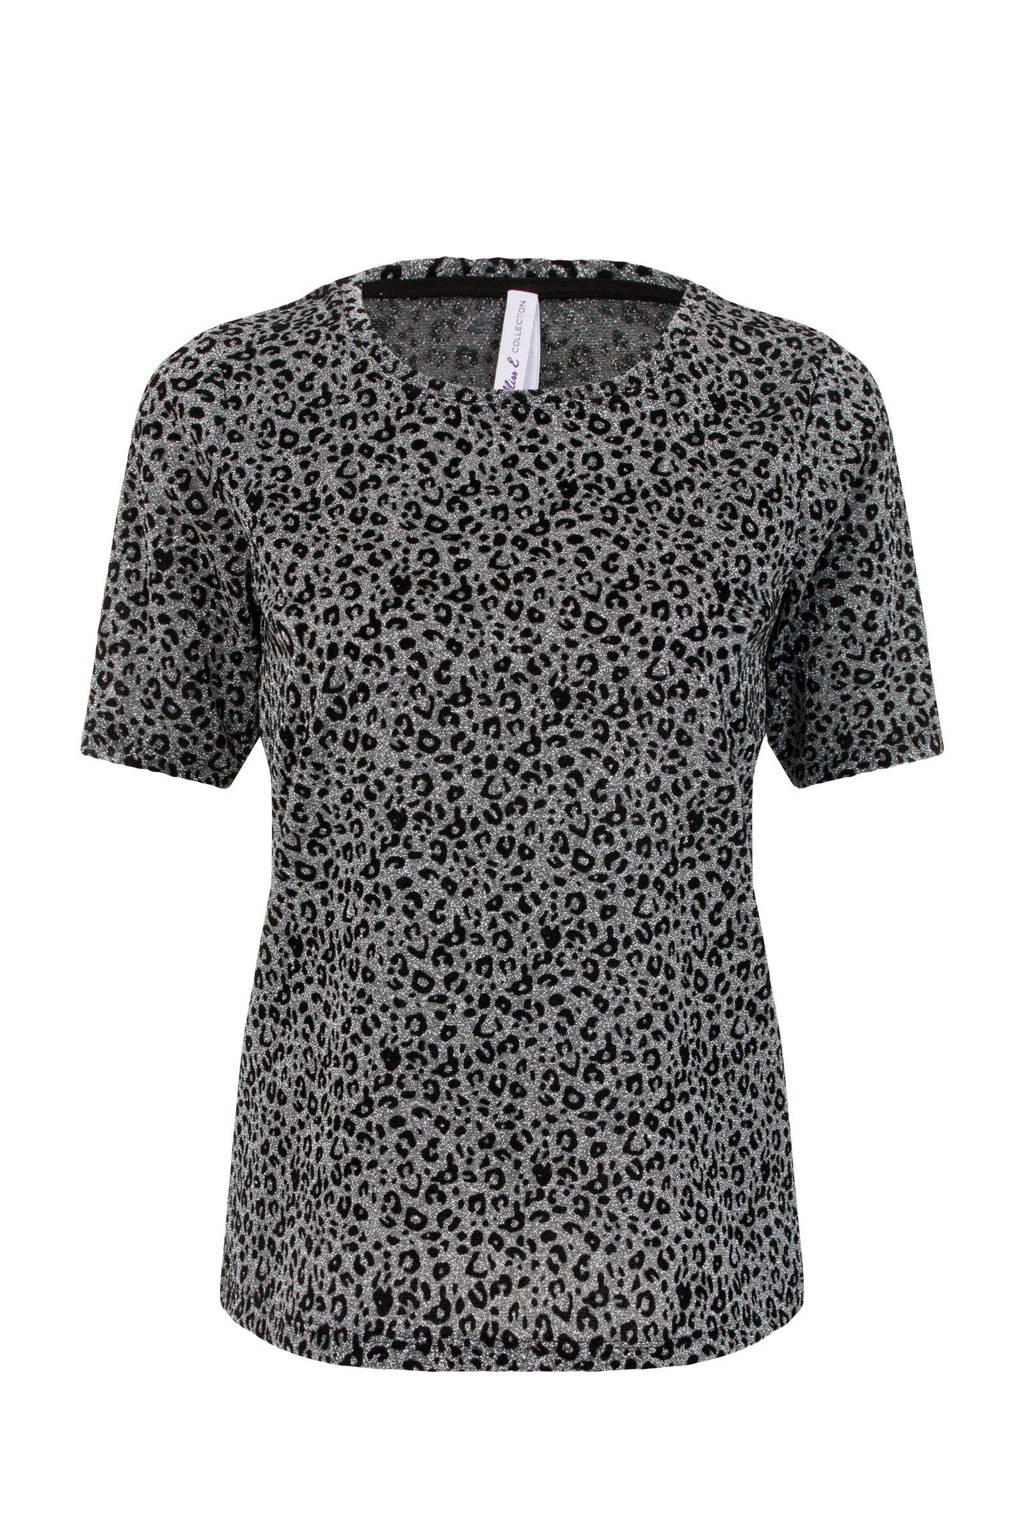 Miss Etam Regulier T-shirt met panterprint en glitters zilver/zwart, Zilver/zwart